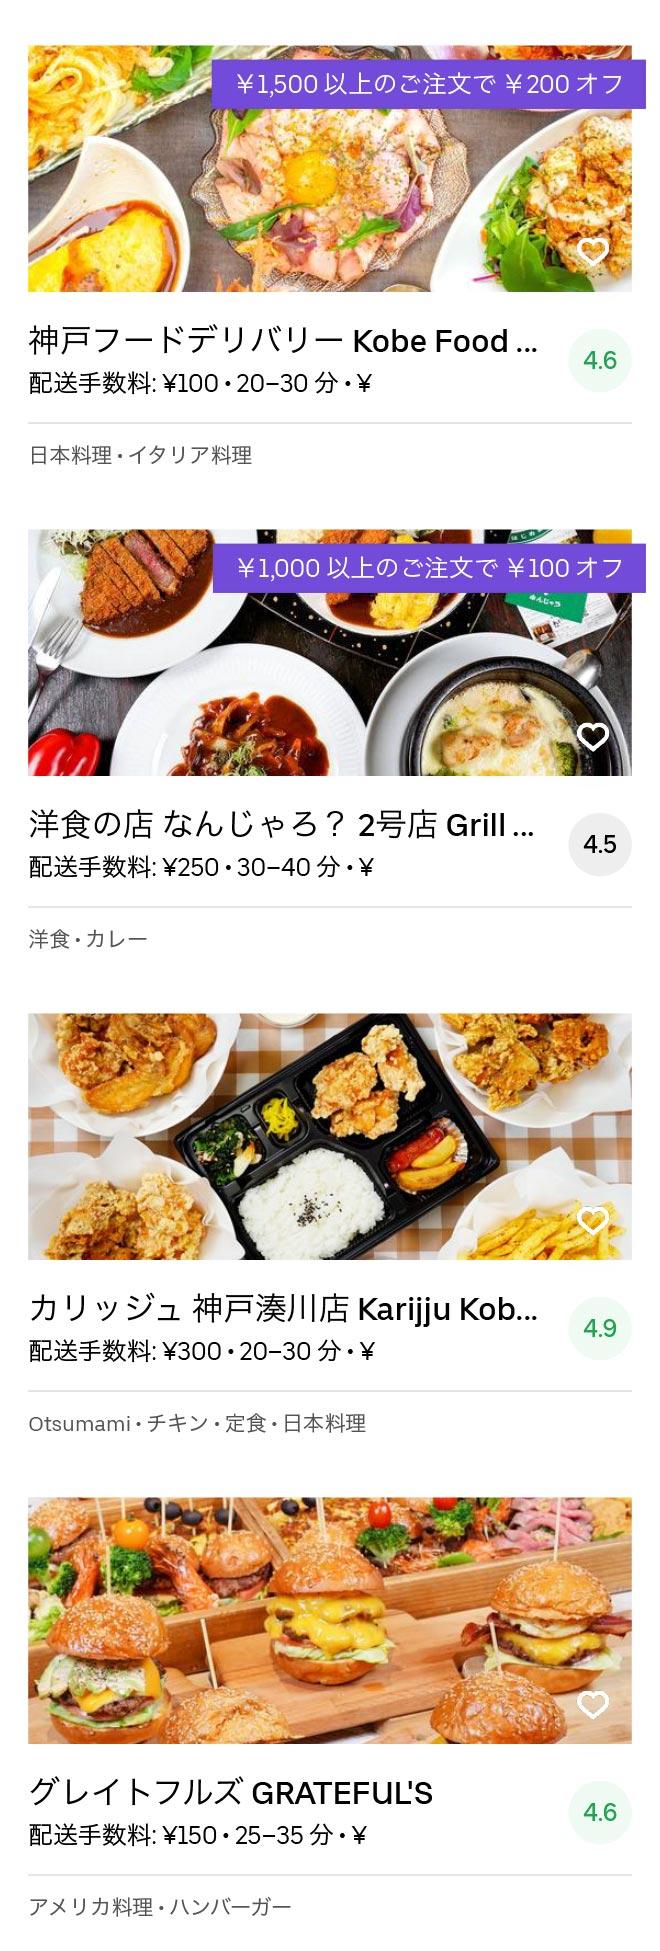 Kobe shin nagata menu 2005 12